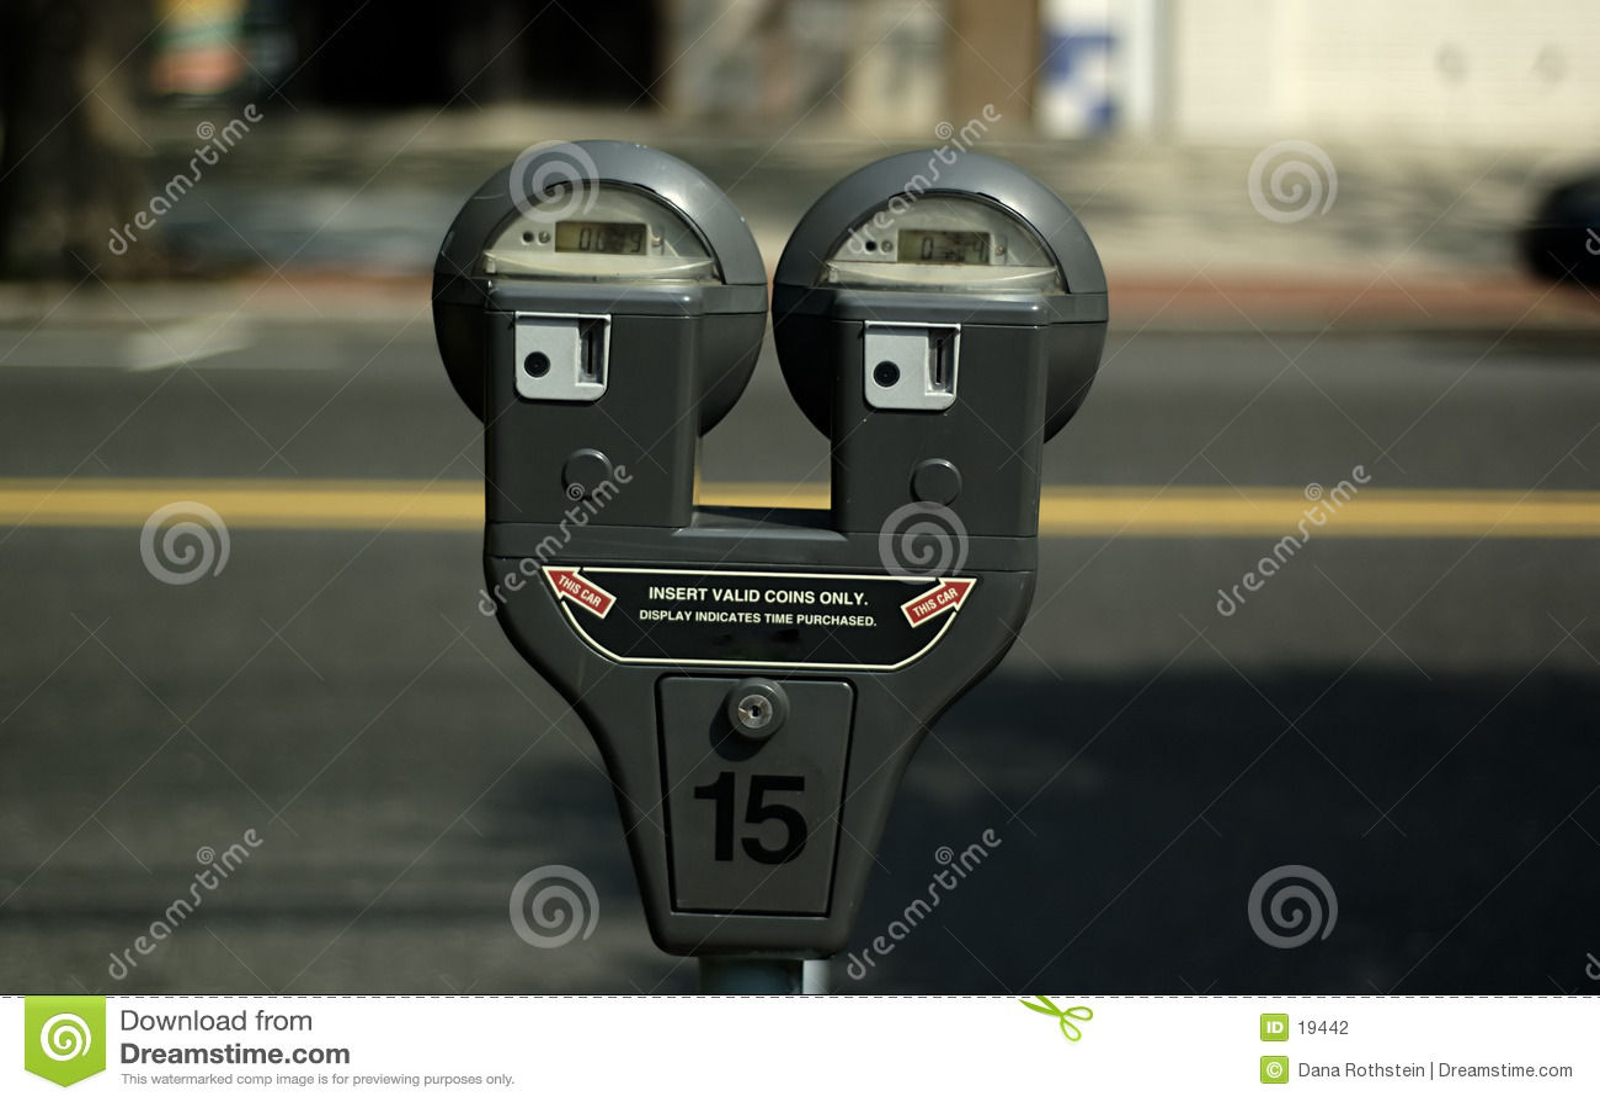 Parcomètre